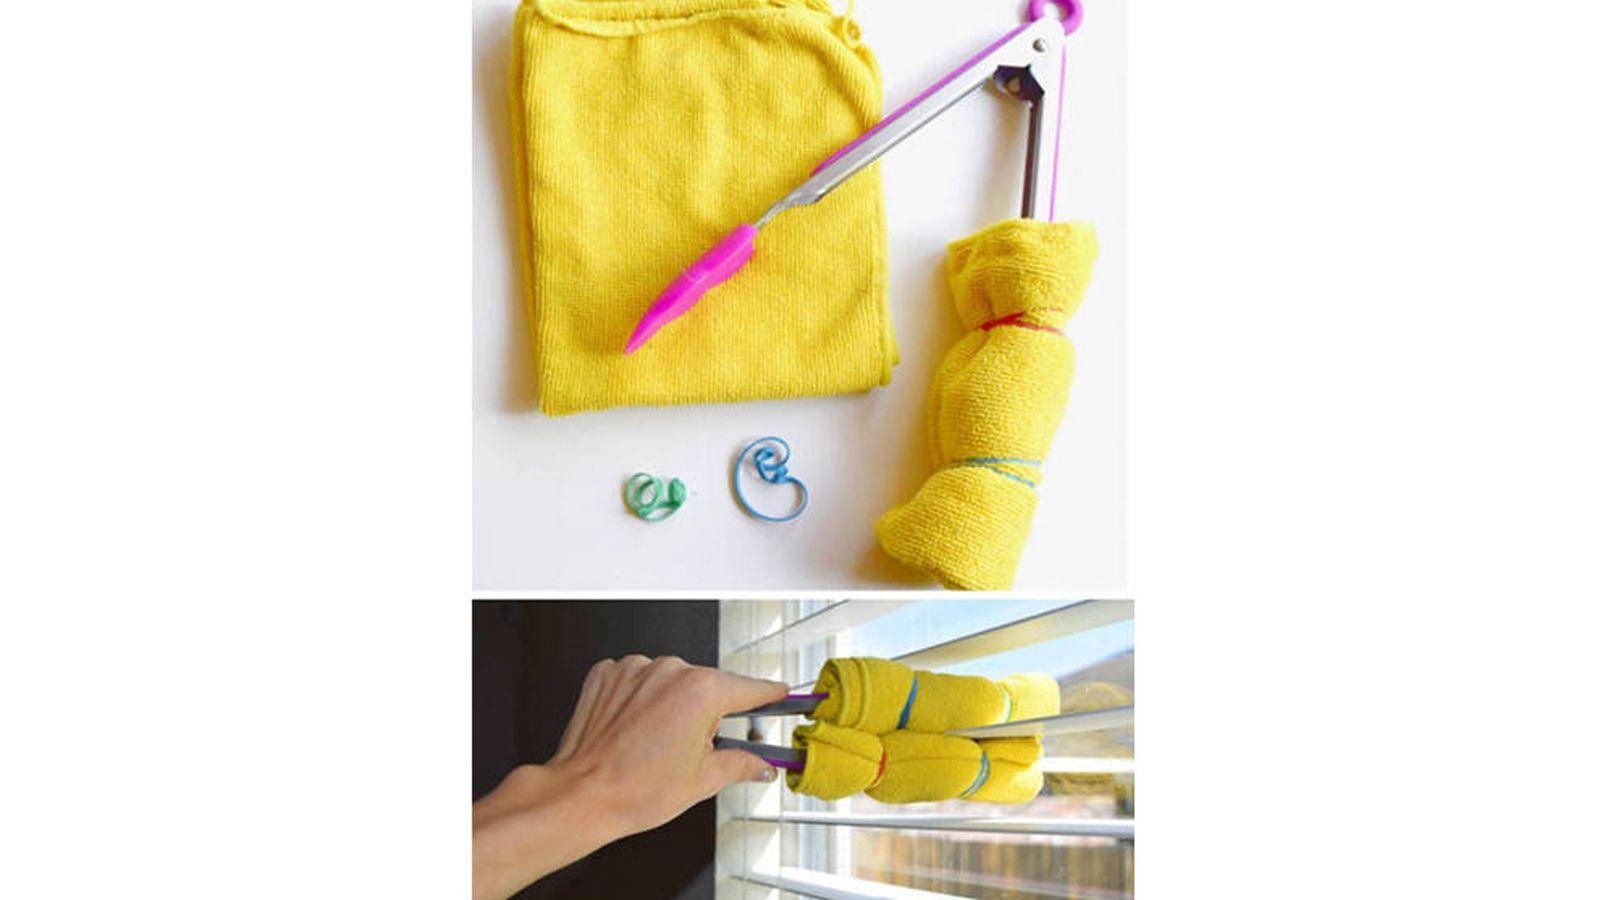 Trucos doce trucos para limpiar el polvo en los lugares - Trucos para limpiar el parquet ...